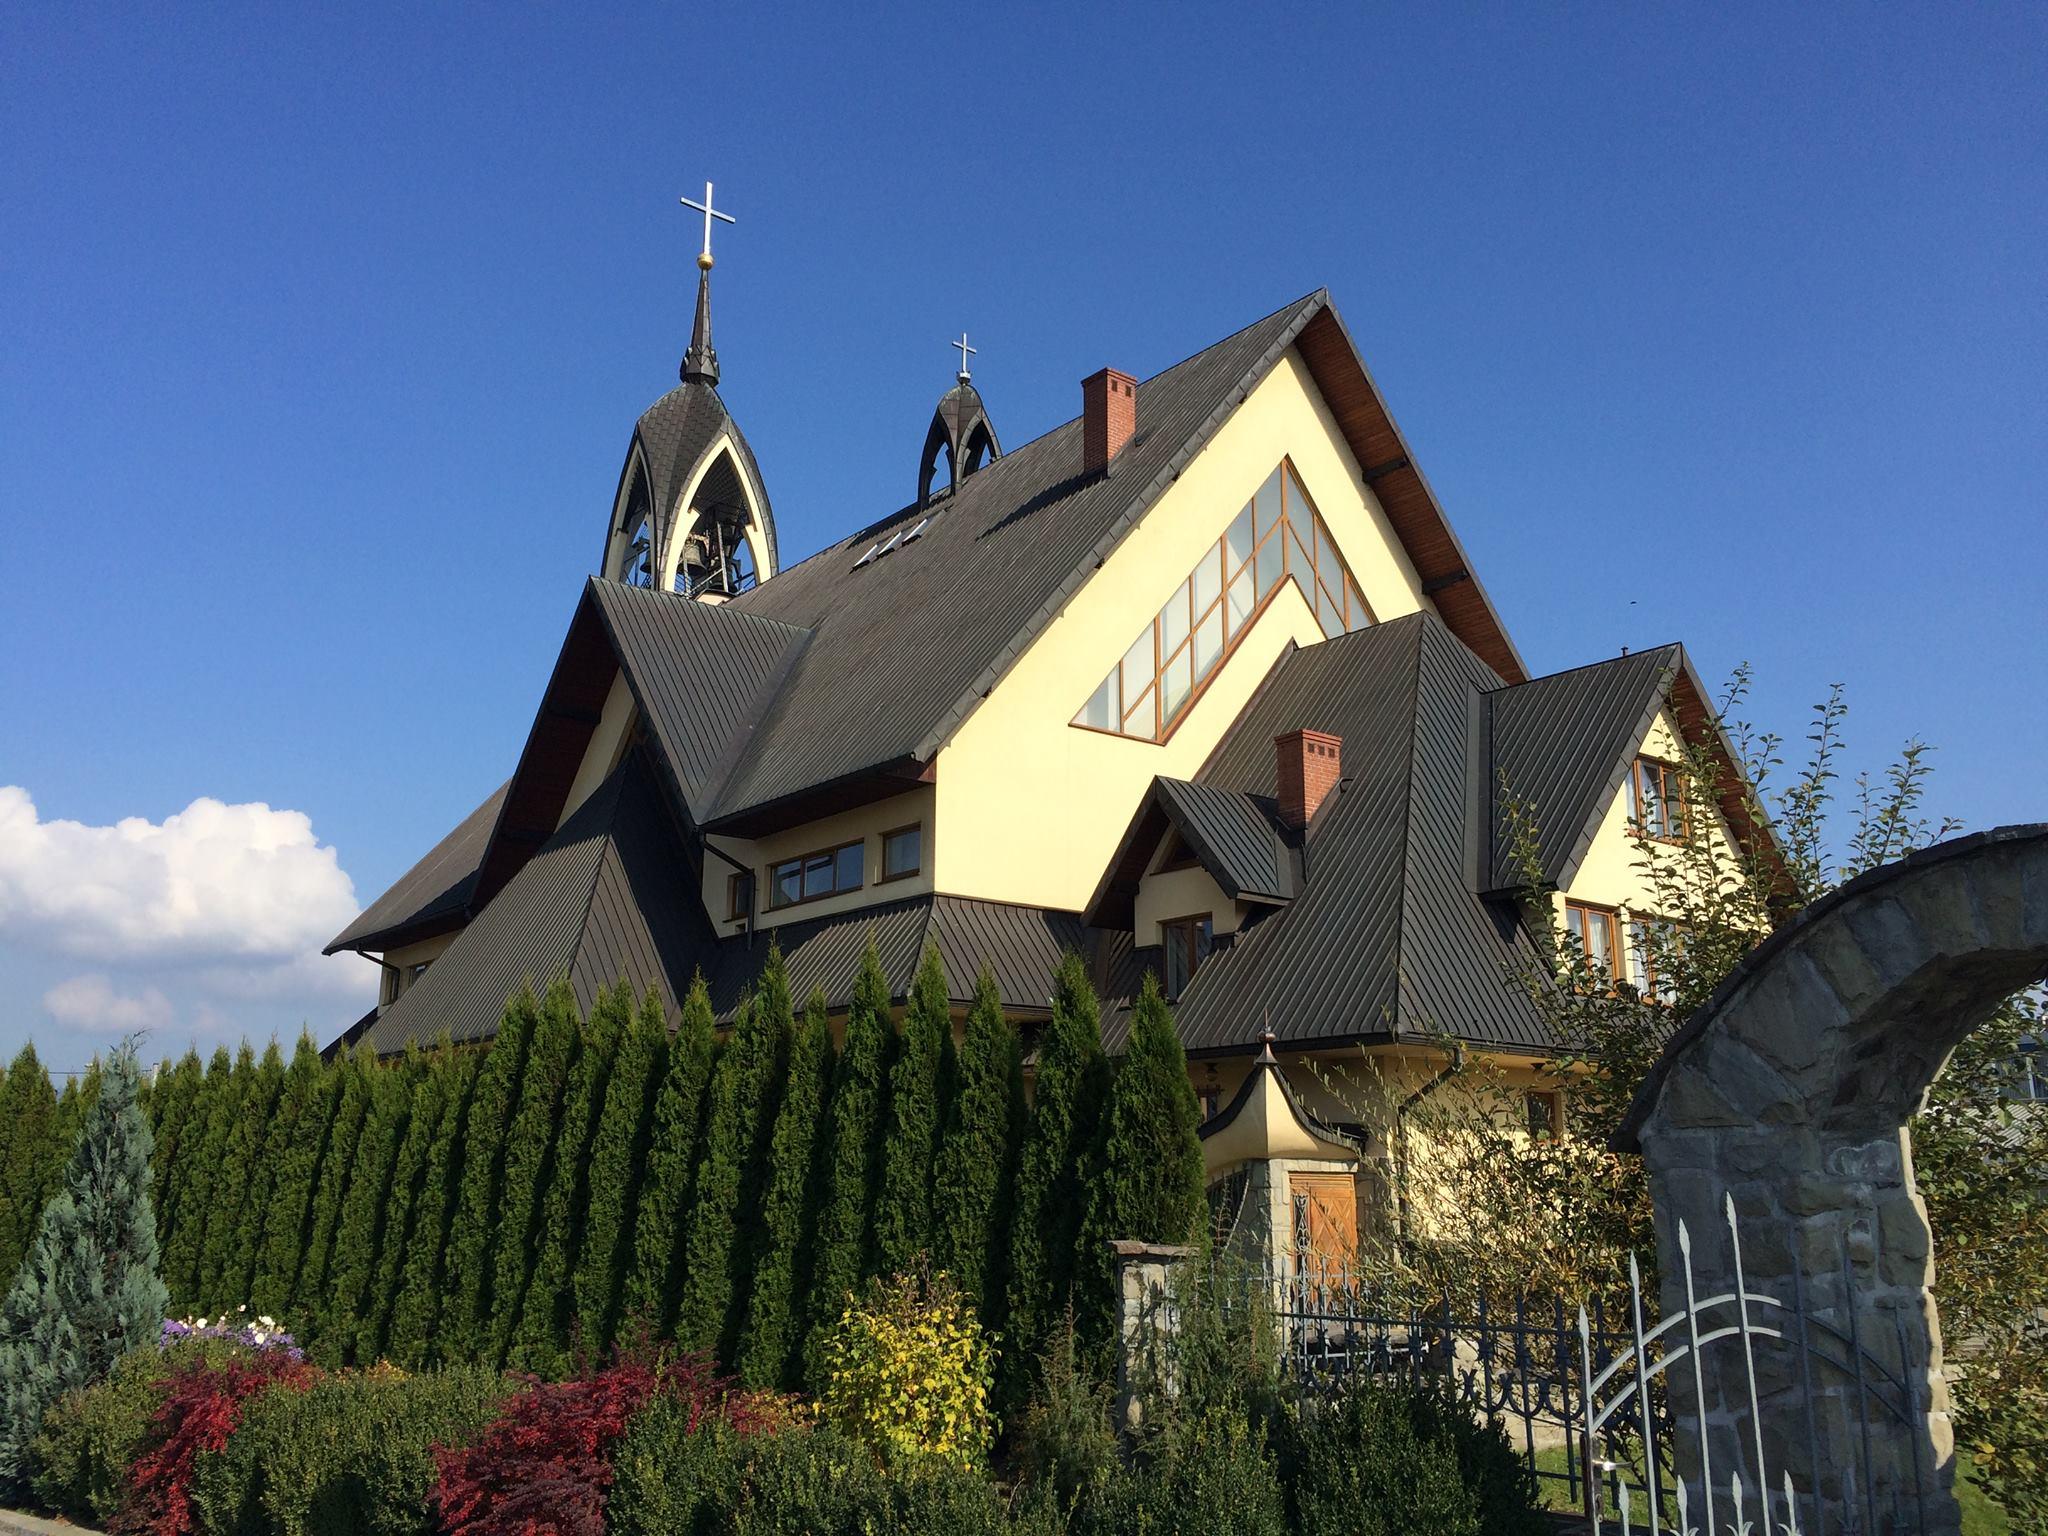 Nowy Targ-Bór, Parafia św. Jadwigi Królowej